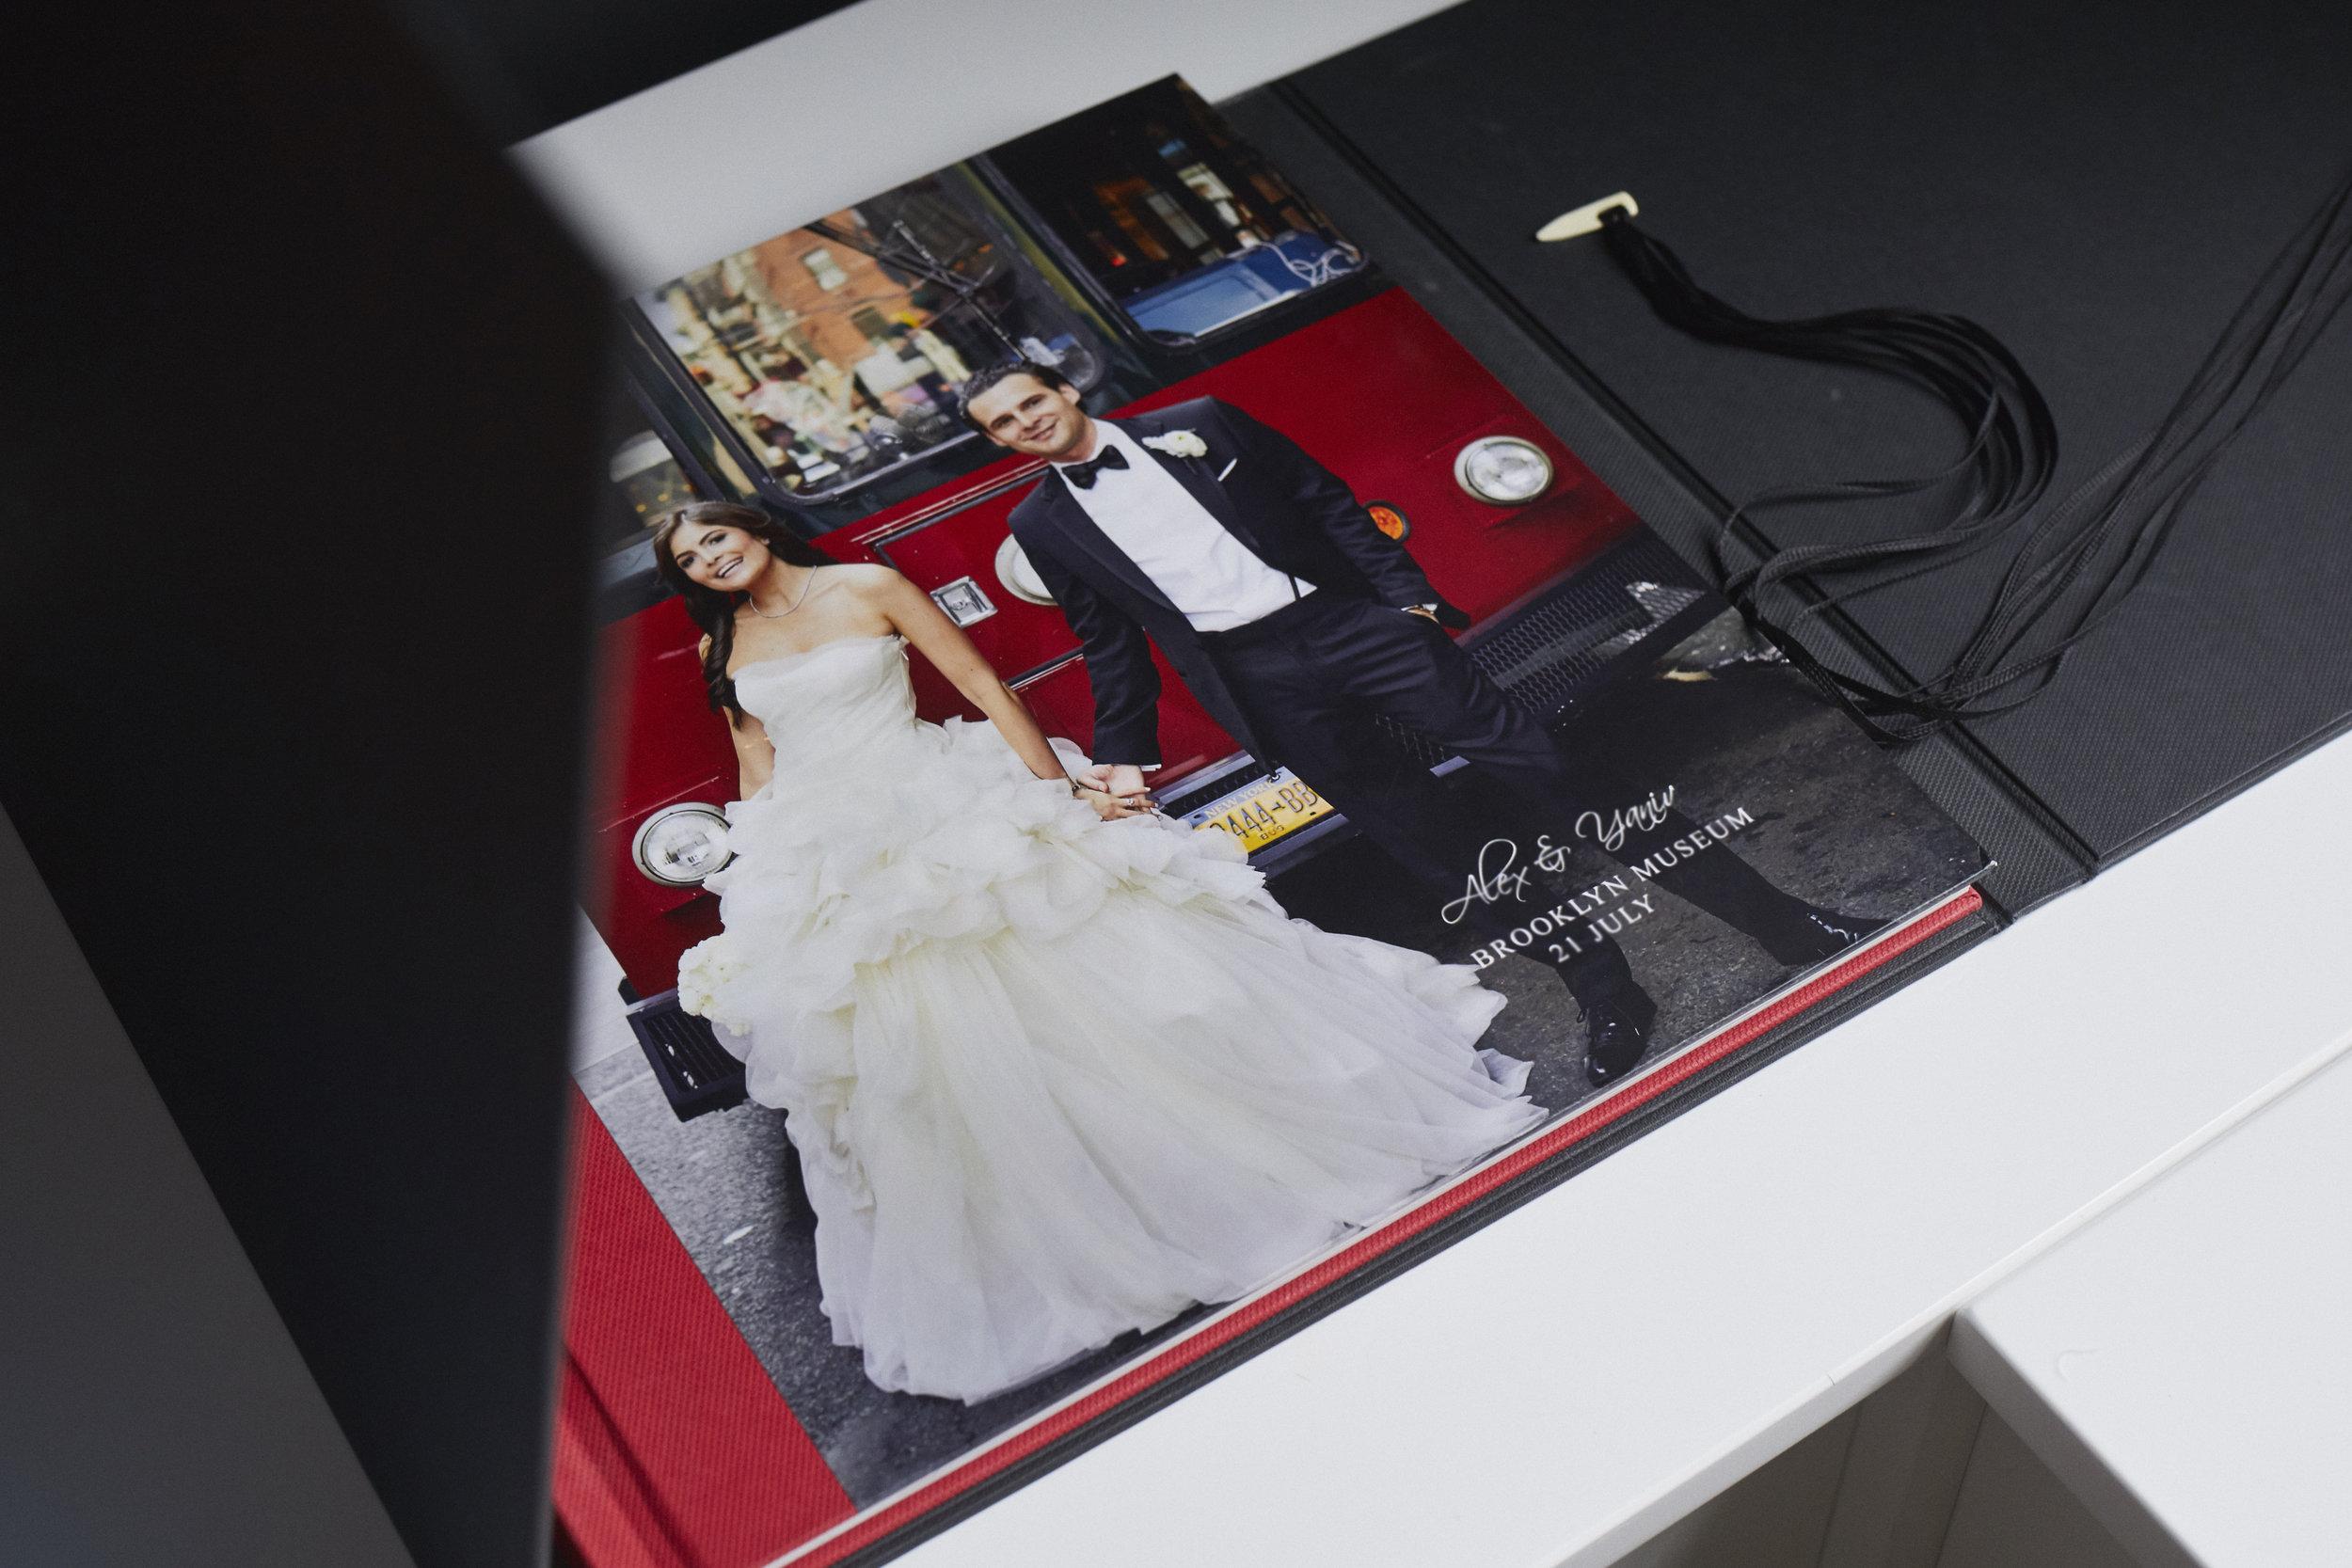 091_RWagner_Wedding_Queensberry_Album.jpg